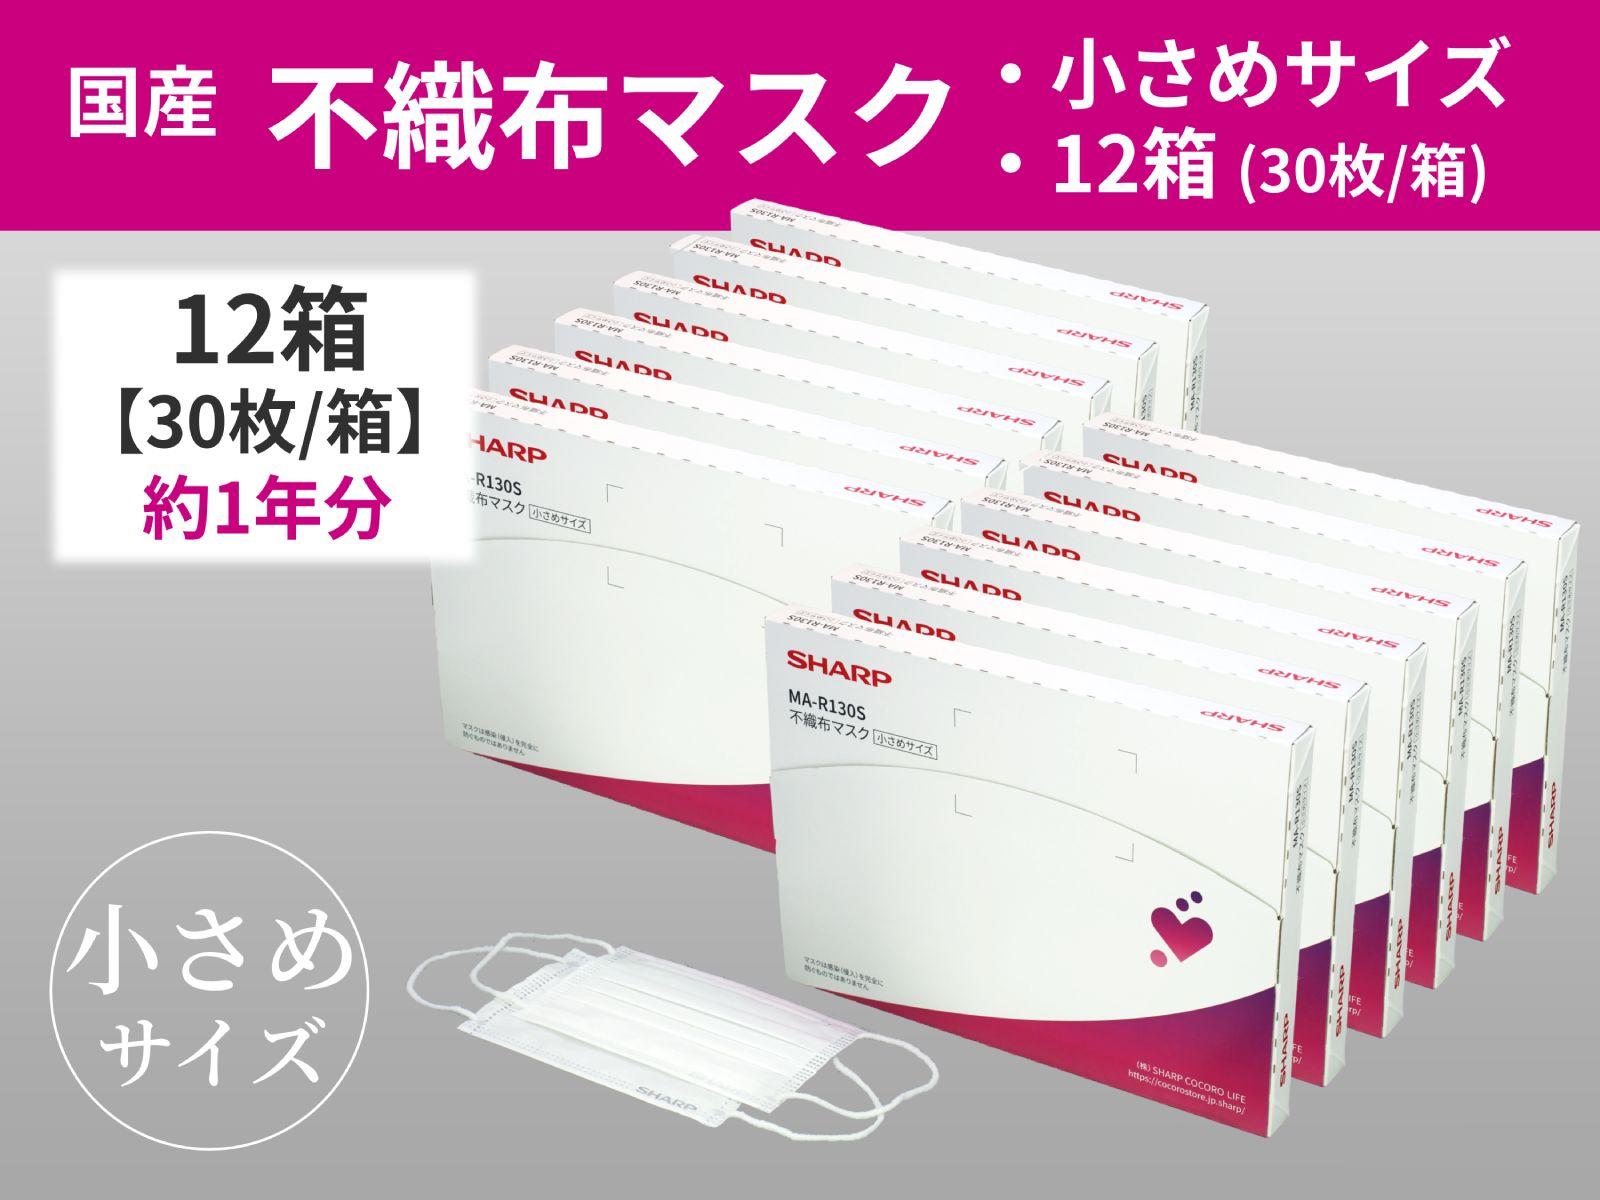 SH-06 シャープ製不織布マスク 【小さめサイズ】30枚入×12箱